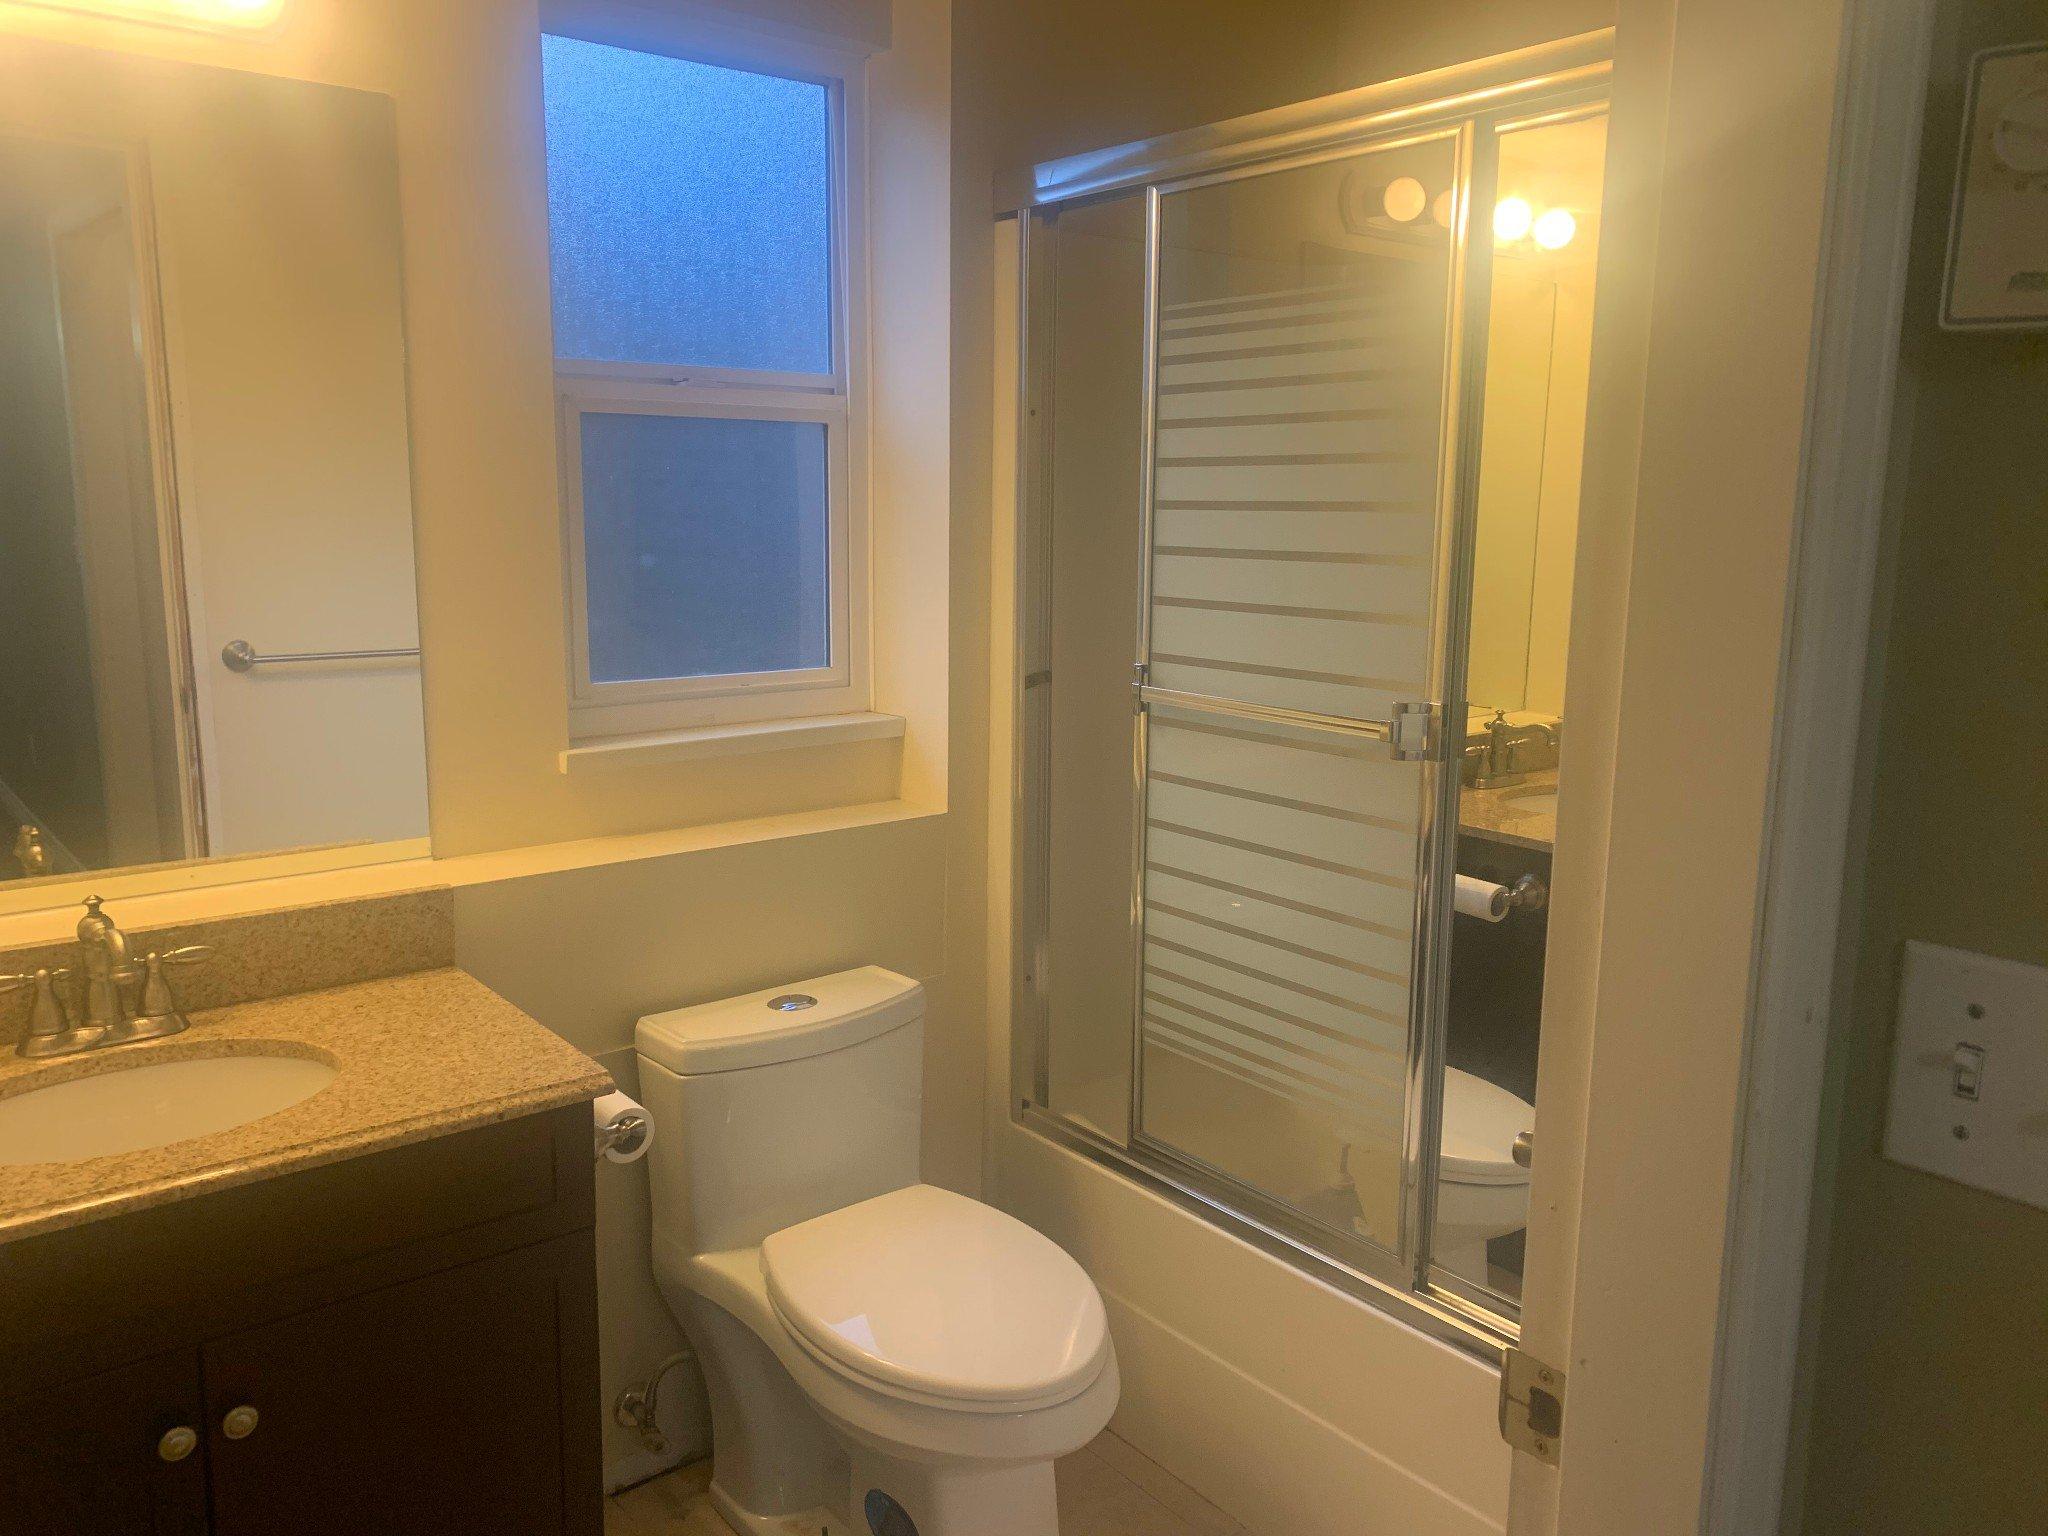 Photo 7: Photos: BSMT 1686 McKenzie Rd. in Abbotsford: Poplar Condo for rent